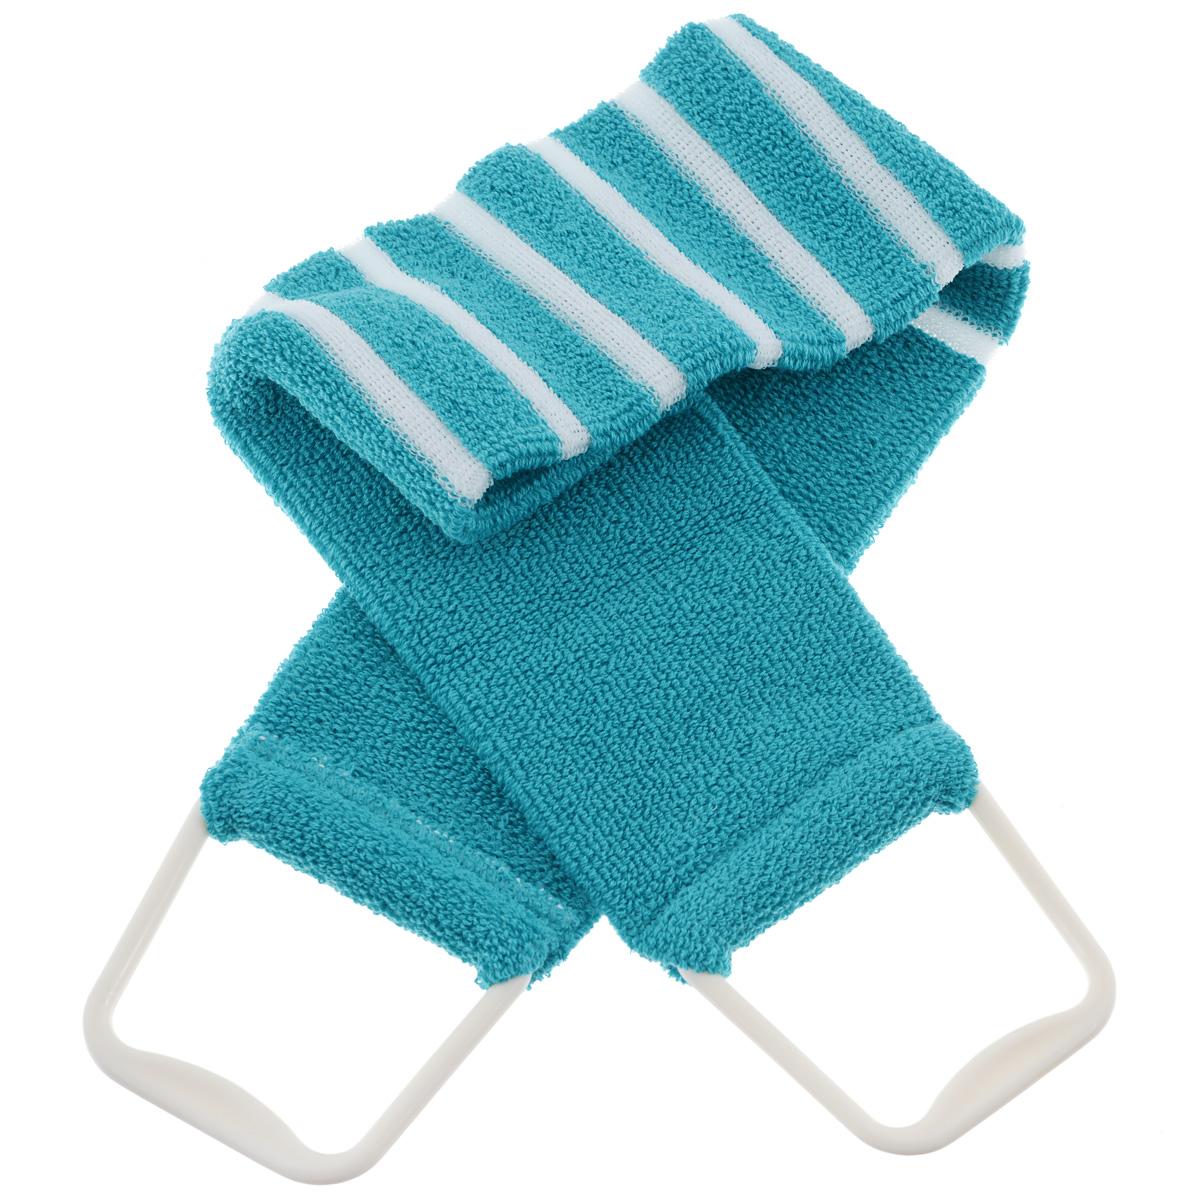 Мочалка 426, цвет: бирюзовыйSW 280Мочалка-пояс Riffi применяется для мытья тела, обладает активным пилинговым действием, тонизируя, массируя и эффективно очищая вашу кожу. Мягкая хлопковая мочалка-пояс хорошо намыливает тело, а ее цветные полоски из жесткой полиэтиленовой махры эффективно удаляют отмершие чешуйки кожи, производя одновременно с пилингом и легкий массаж. Для удобства применения пояс снабжен двумя пластиковыми ручками. Благодаря отшелушивающему эффекту мочалки-пояса, кожа освобождается от отмерших клеток, становится гладкой, упругой и свежей. Интенсивный и пощипывающе свежий массаж тела с применением Riffi стимулирует кровообращение, активирует кровоснабжение, способствует обмену веществ, что в свою очередь позволяет себя чувствовать бодрым и отдохнувшим после принятия душа или ванны. Riffi регенерирует кожу, делает ее приятно нежной, мягкой и лучше готовой к принятию косметических средств. Приносит приятное расслабление всему организму. Борется со спазмами и болями в мышцах, предупреждает образование целлюлита и обеспечивает омолаживающий эффект. Гипоаллергенная.